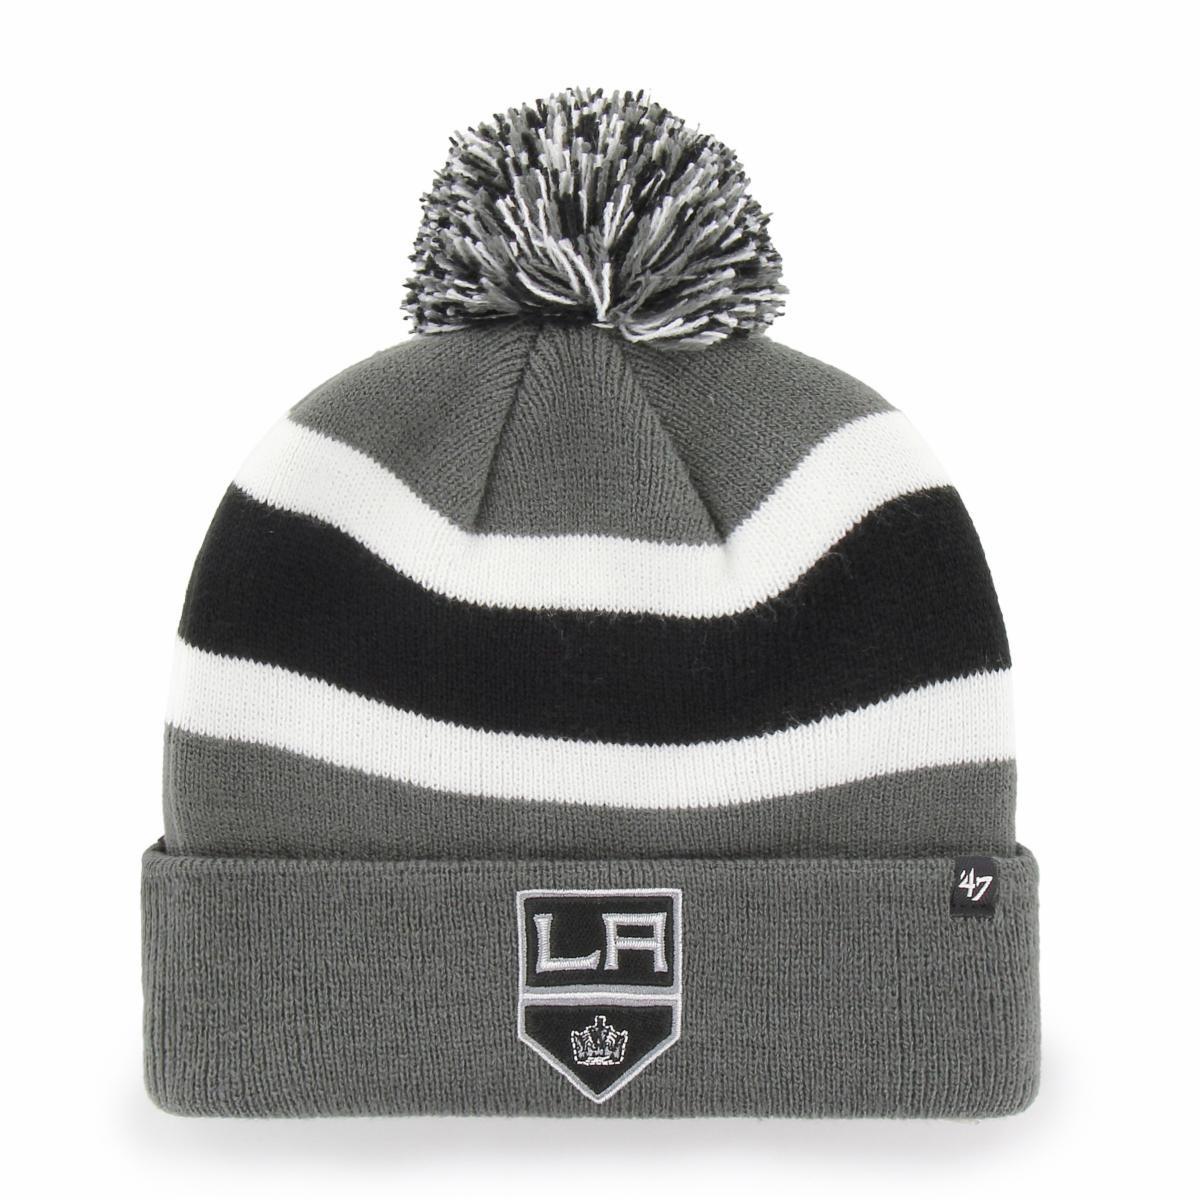 BRAND 47 Los Angeles Kings Breakaway Cuff Knit Winter Hat